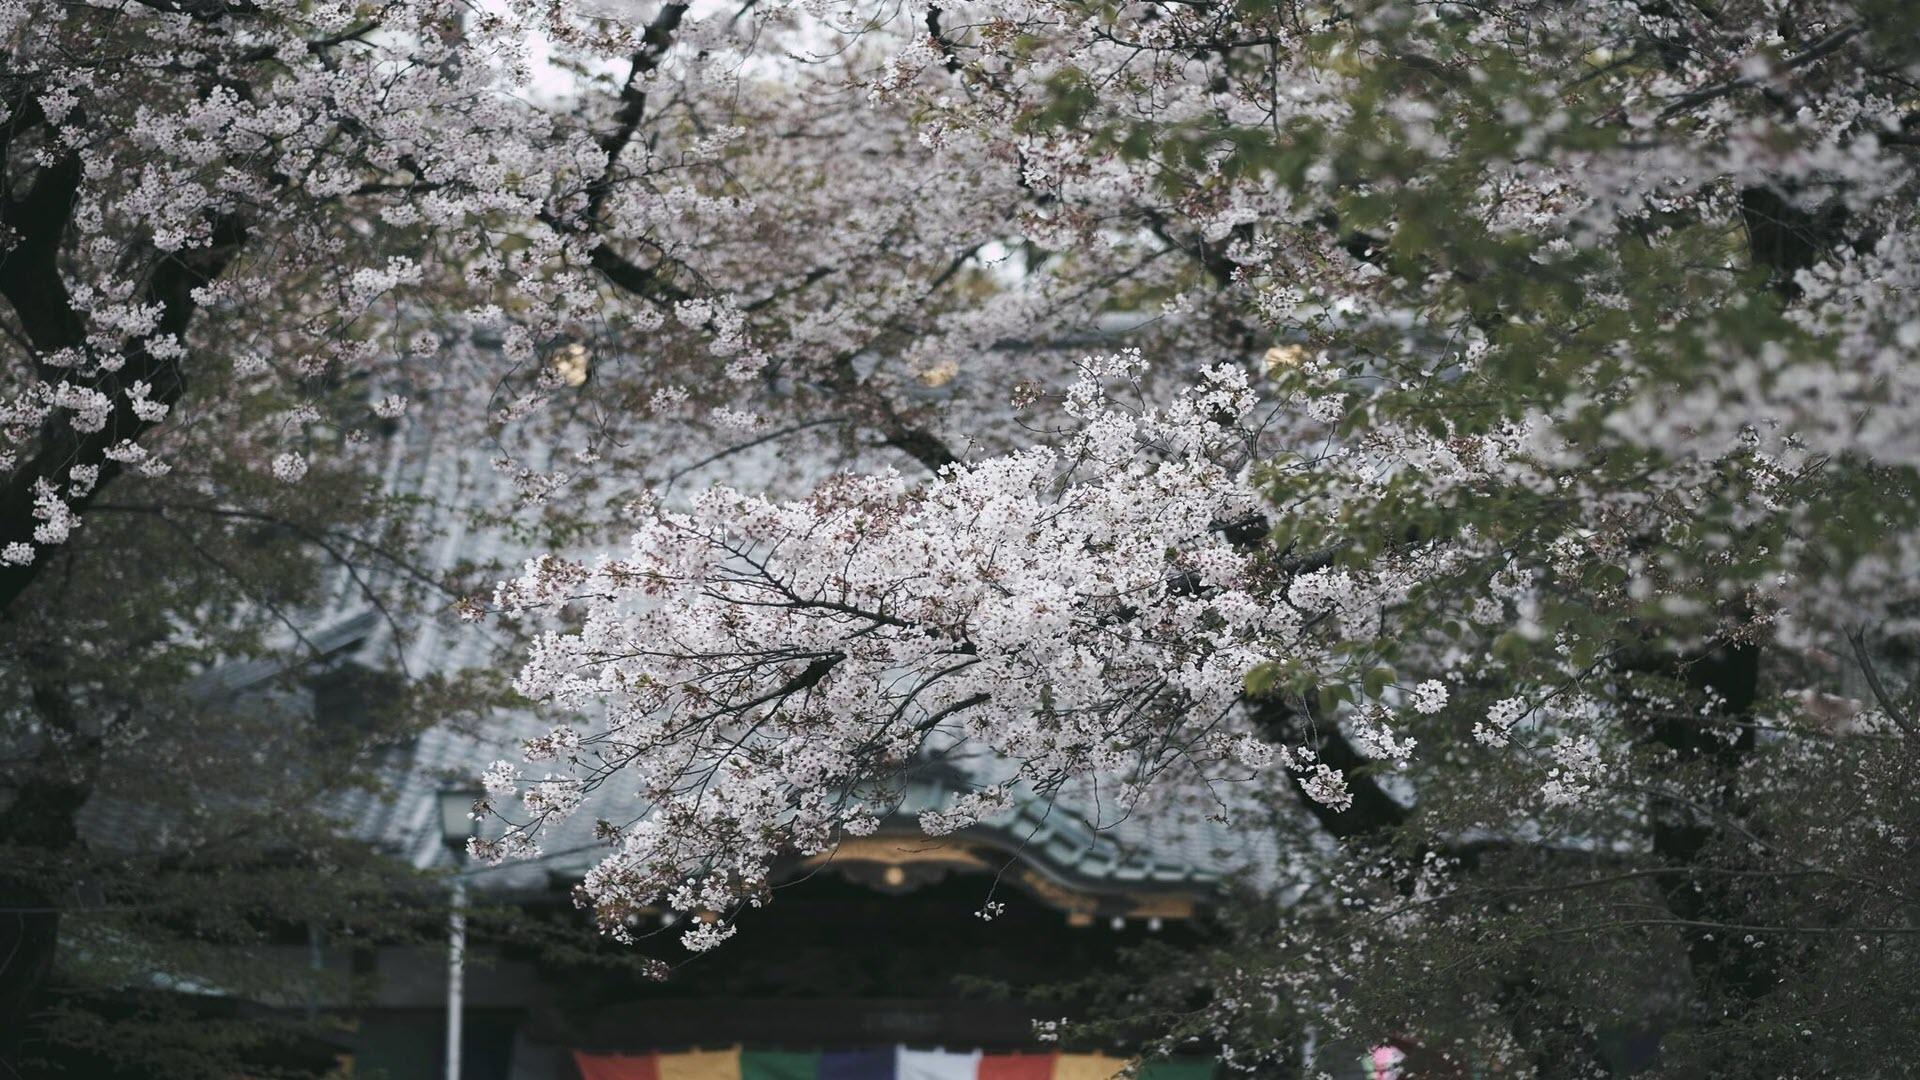 Hình nền mùa xuân đơn giản